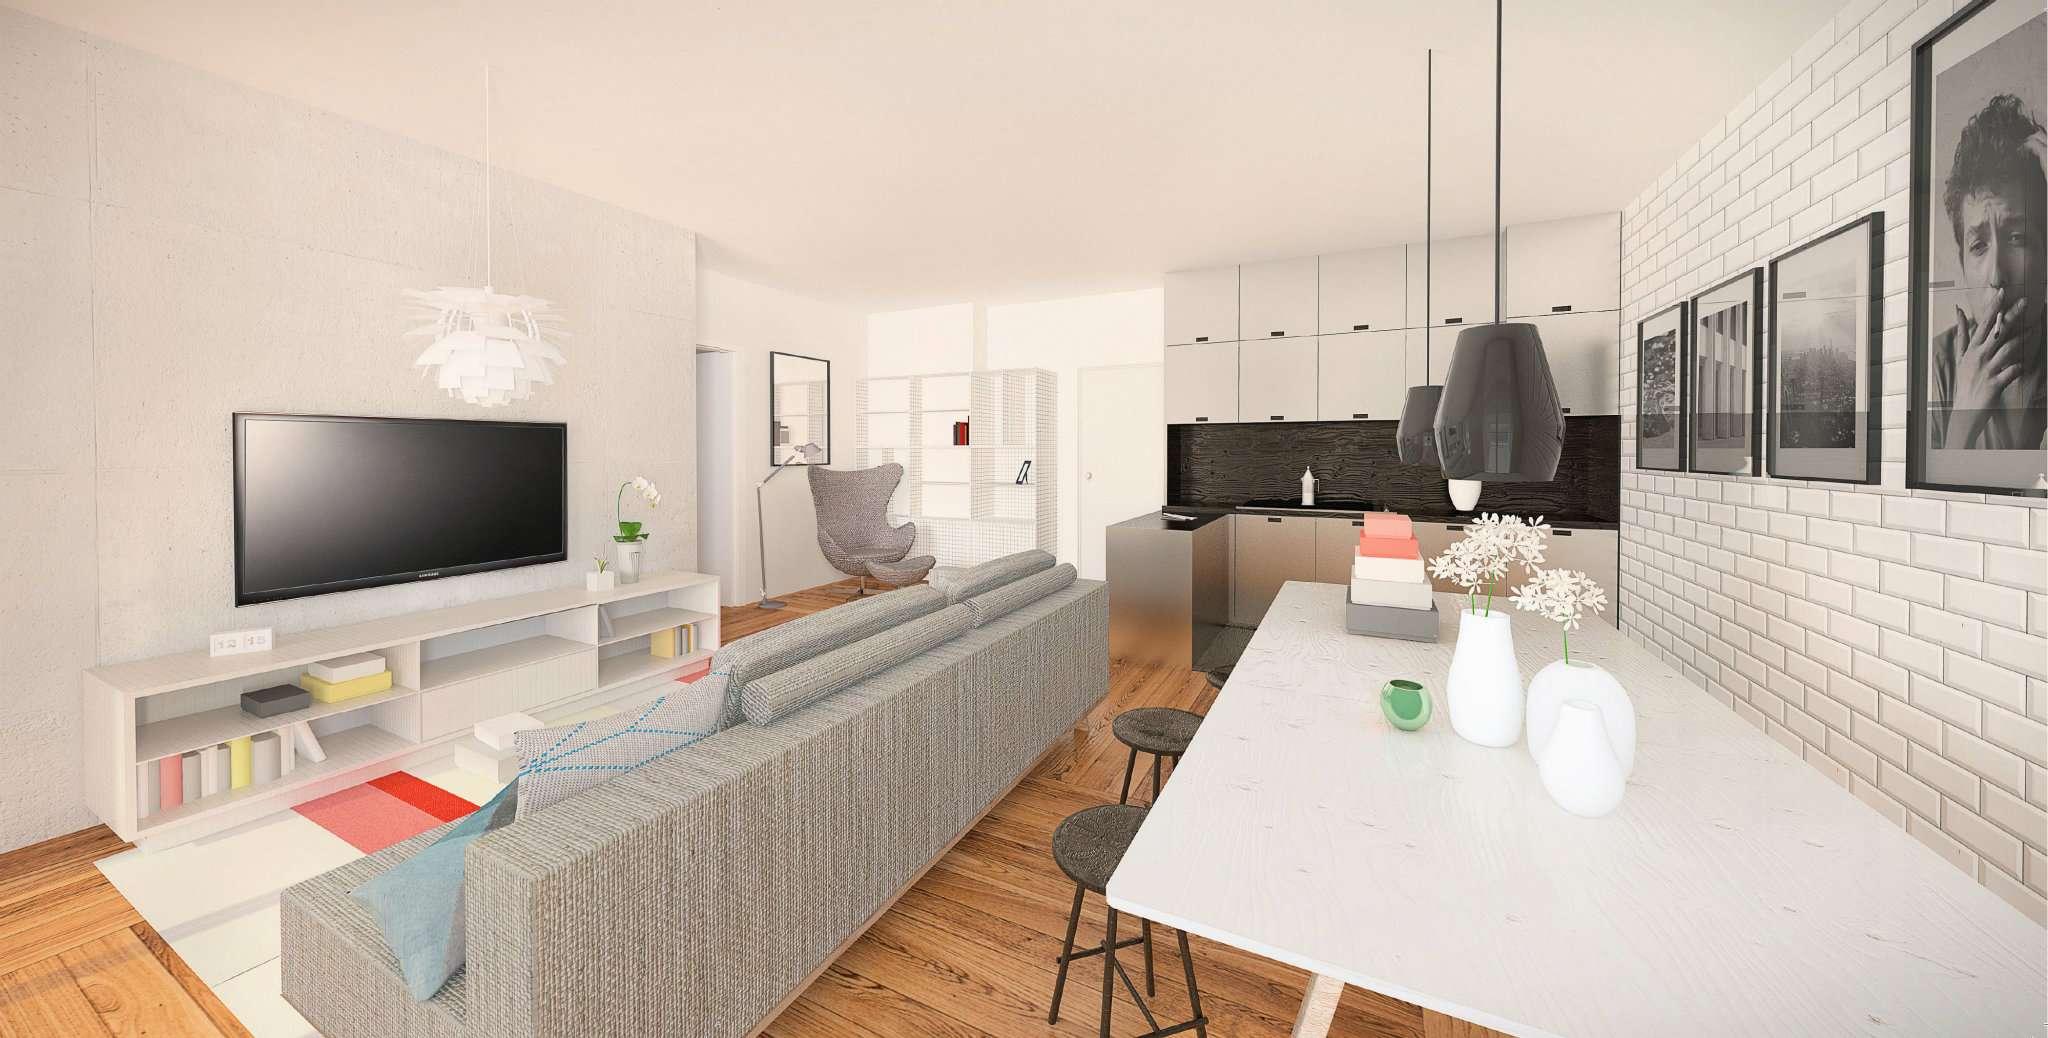 Appartamento in vendita a Cesena, 3 locali, prezzo € 256.000 | CambioCasa.it